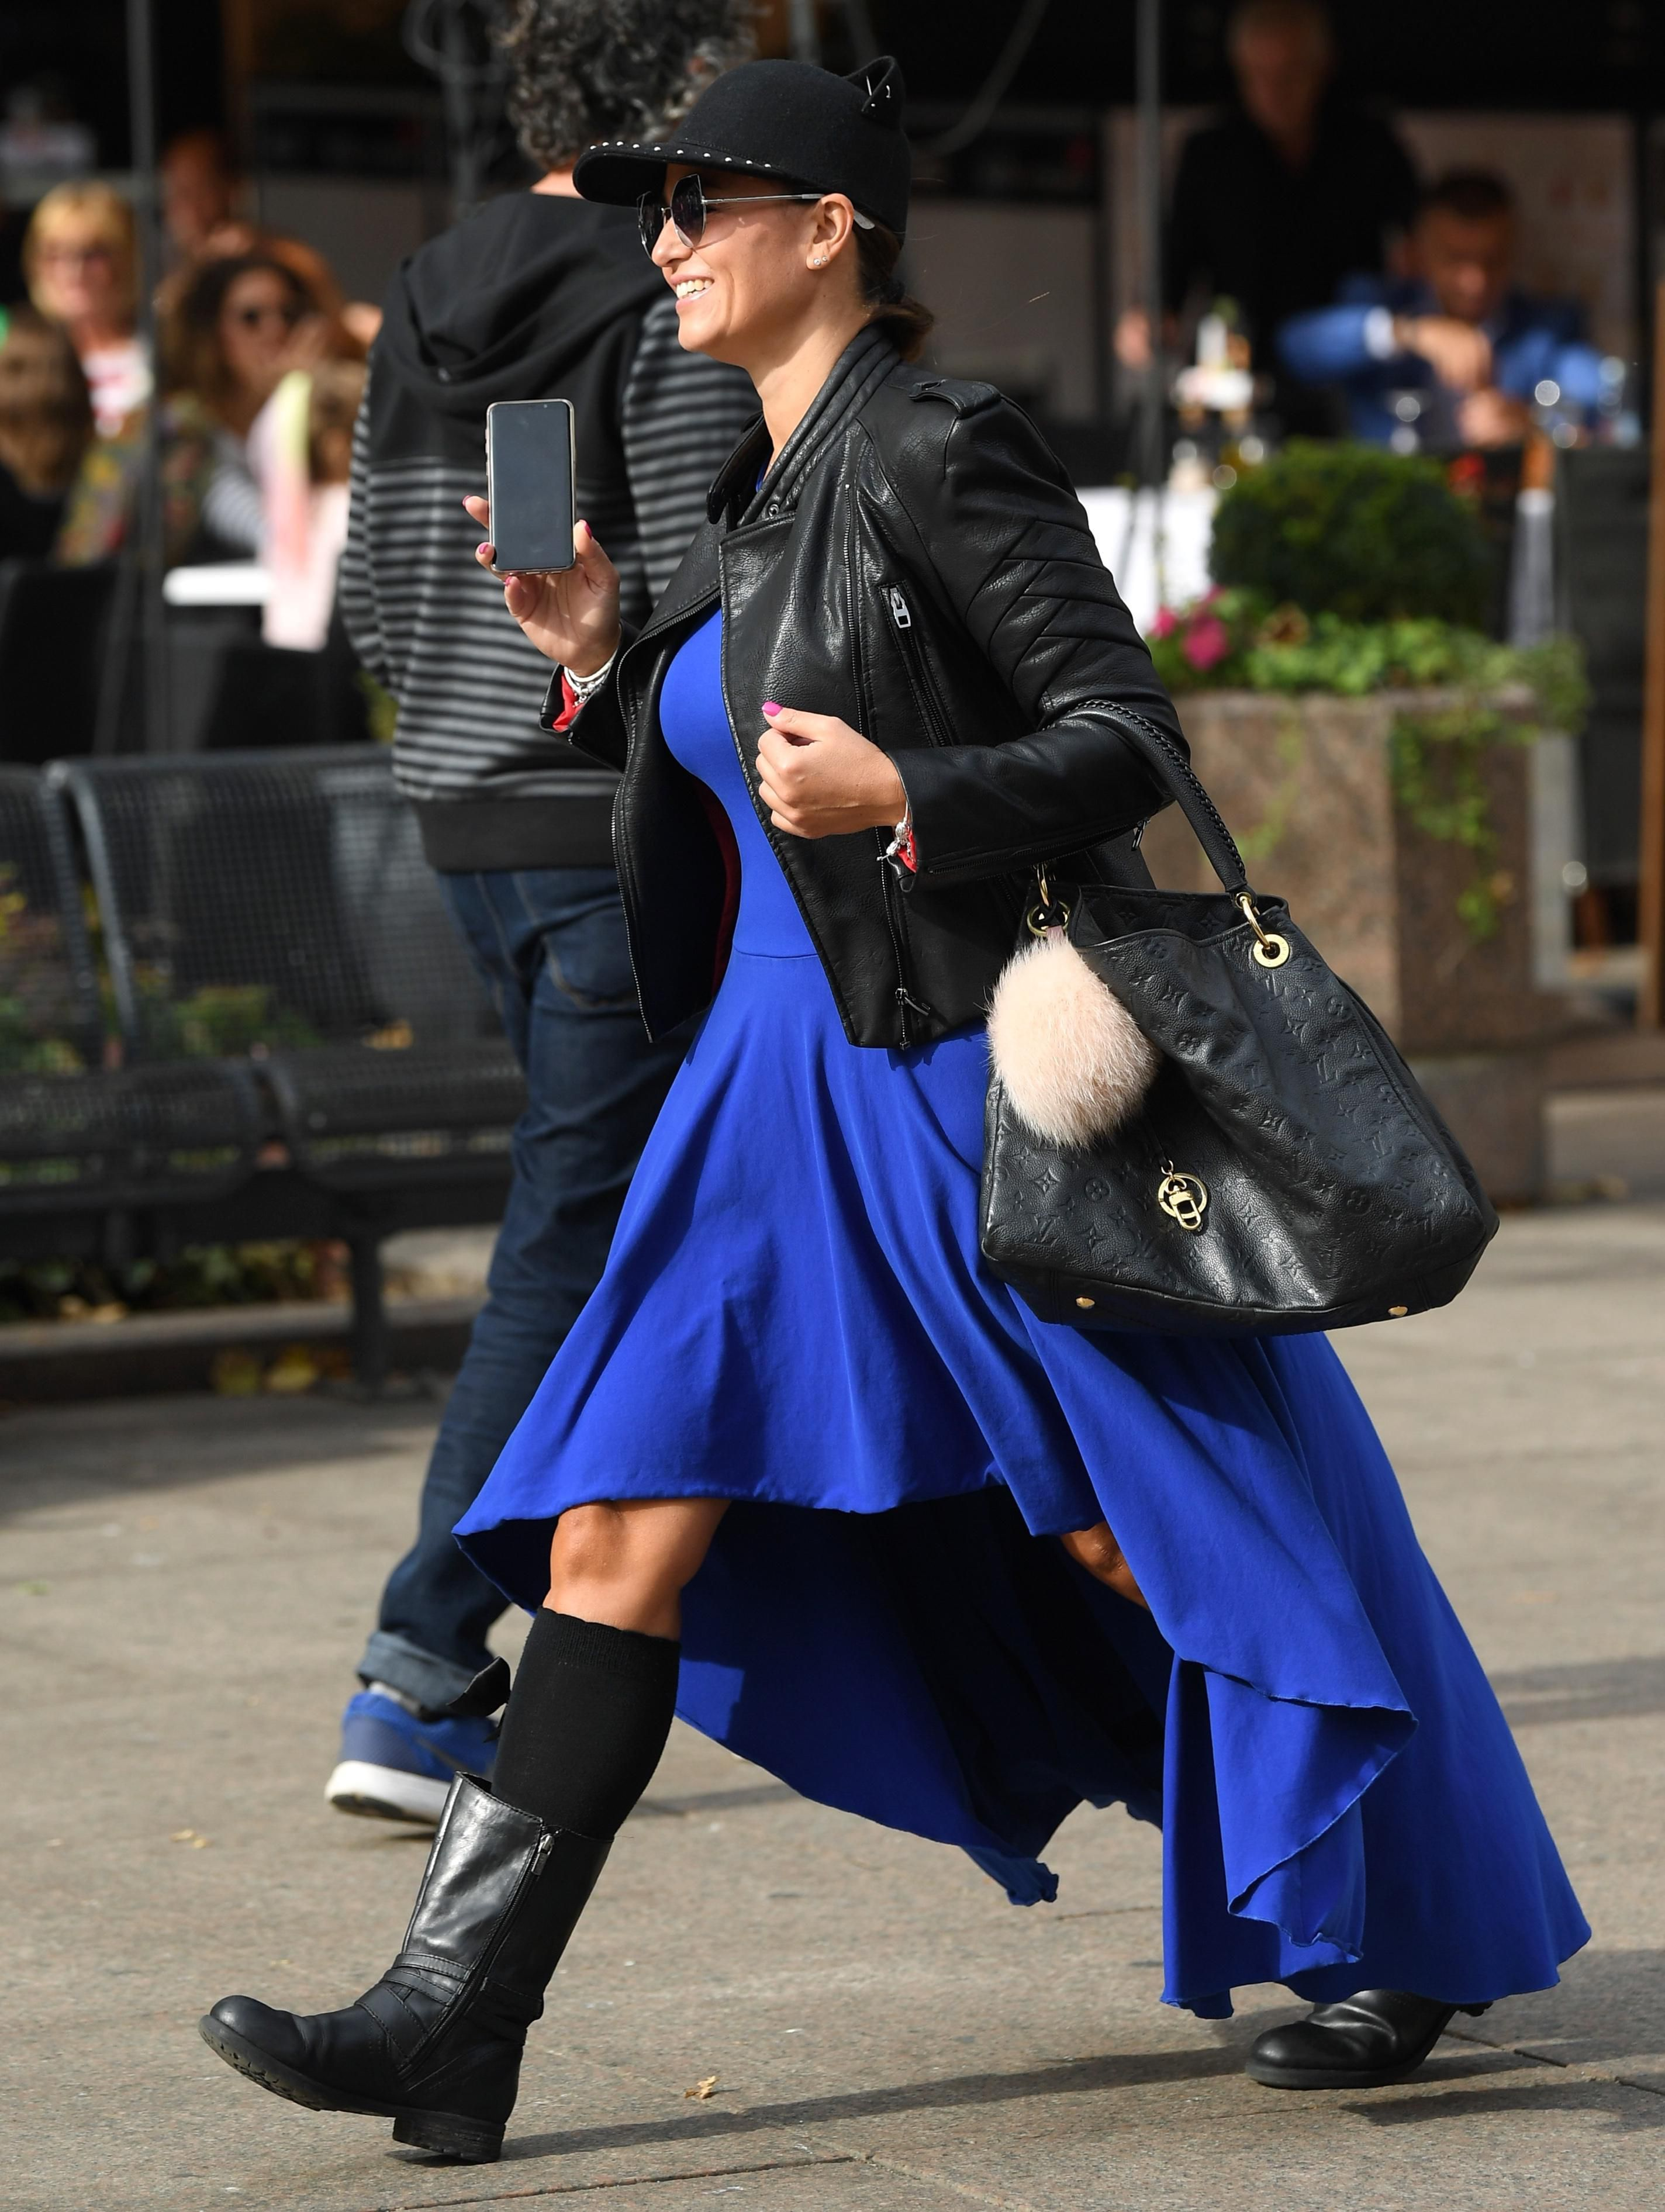 Ljepotica u plavom osvojila špicu: Tko bi se usudio nositi ovako odvažnu kombinaciju poput njezine?